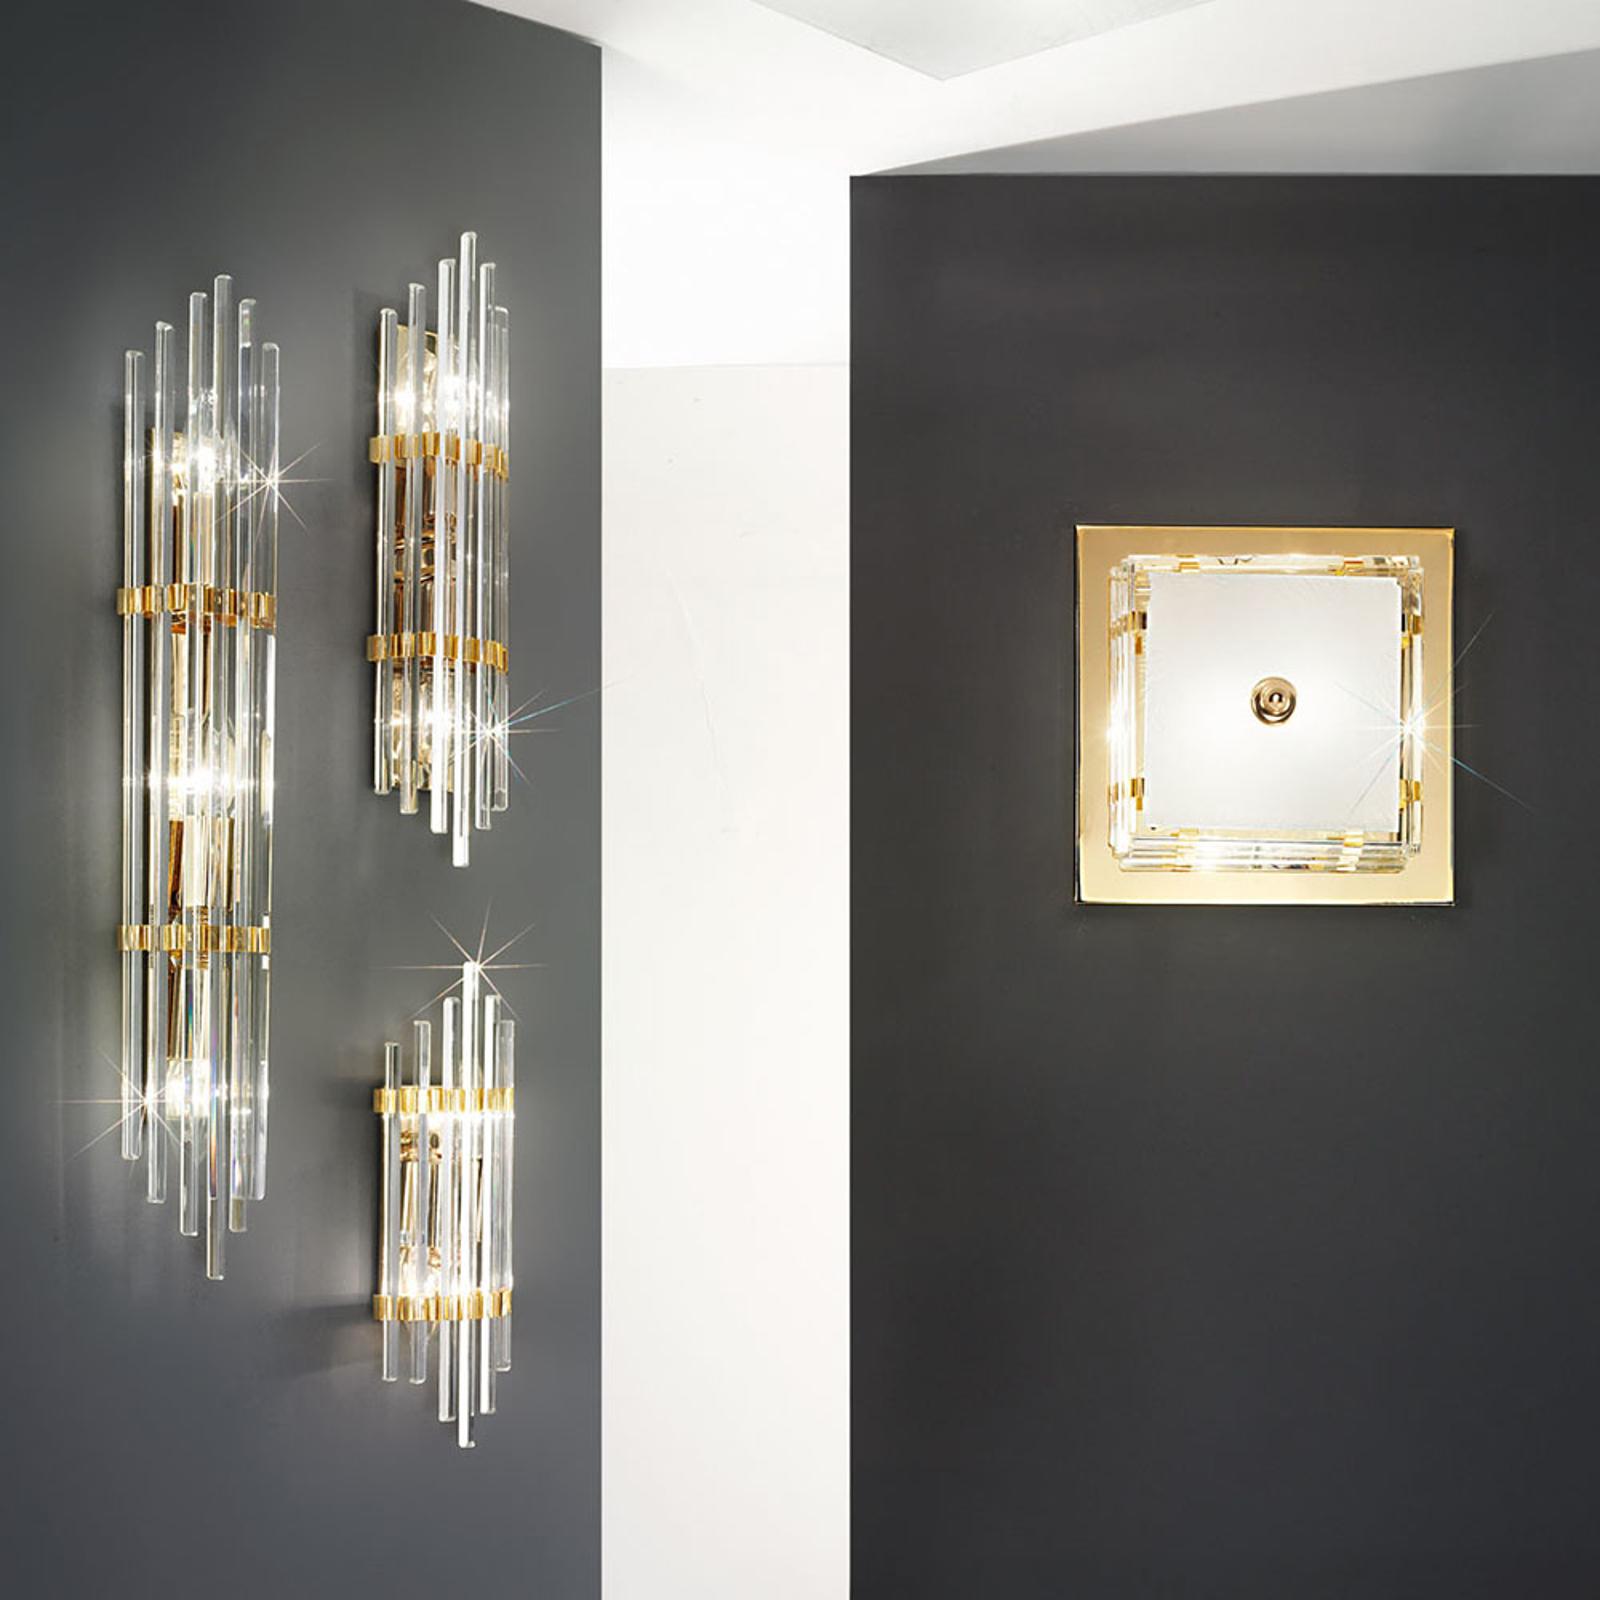 Wandlamp Ontario, hoogte 31 cm, goud, vierkant